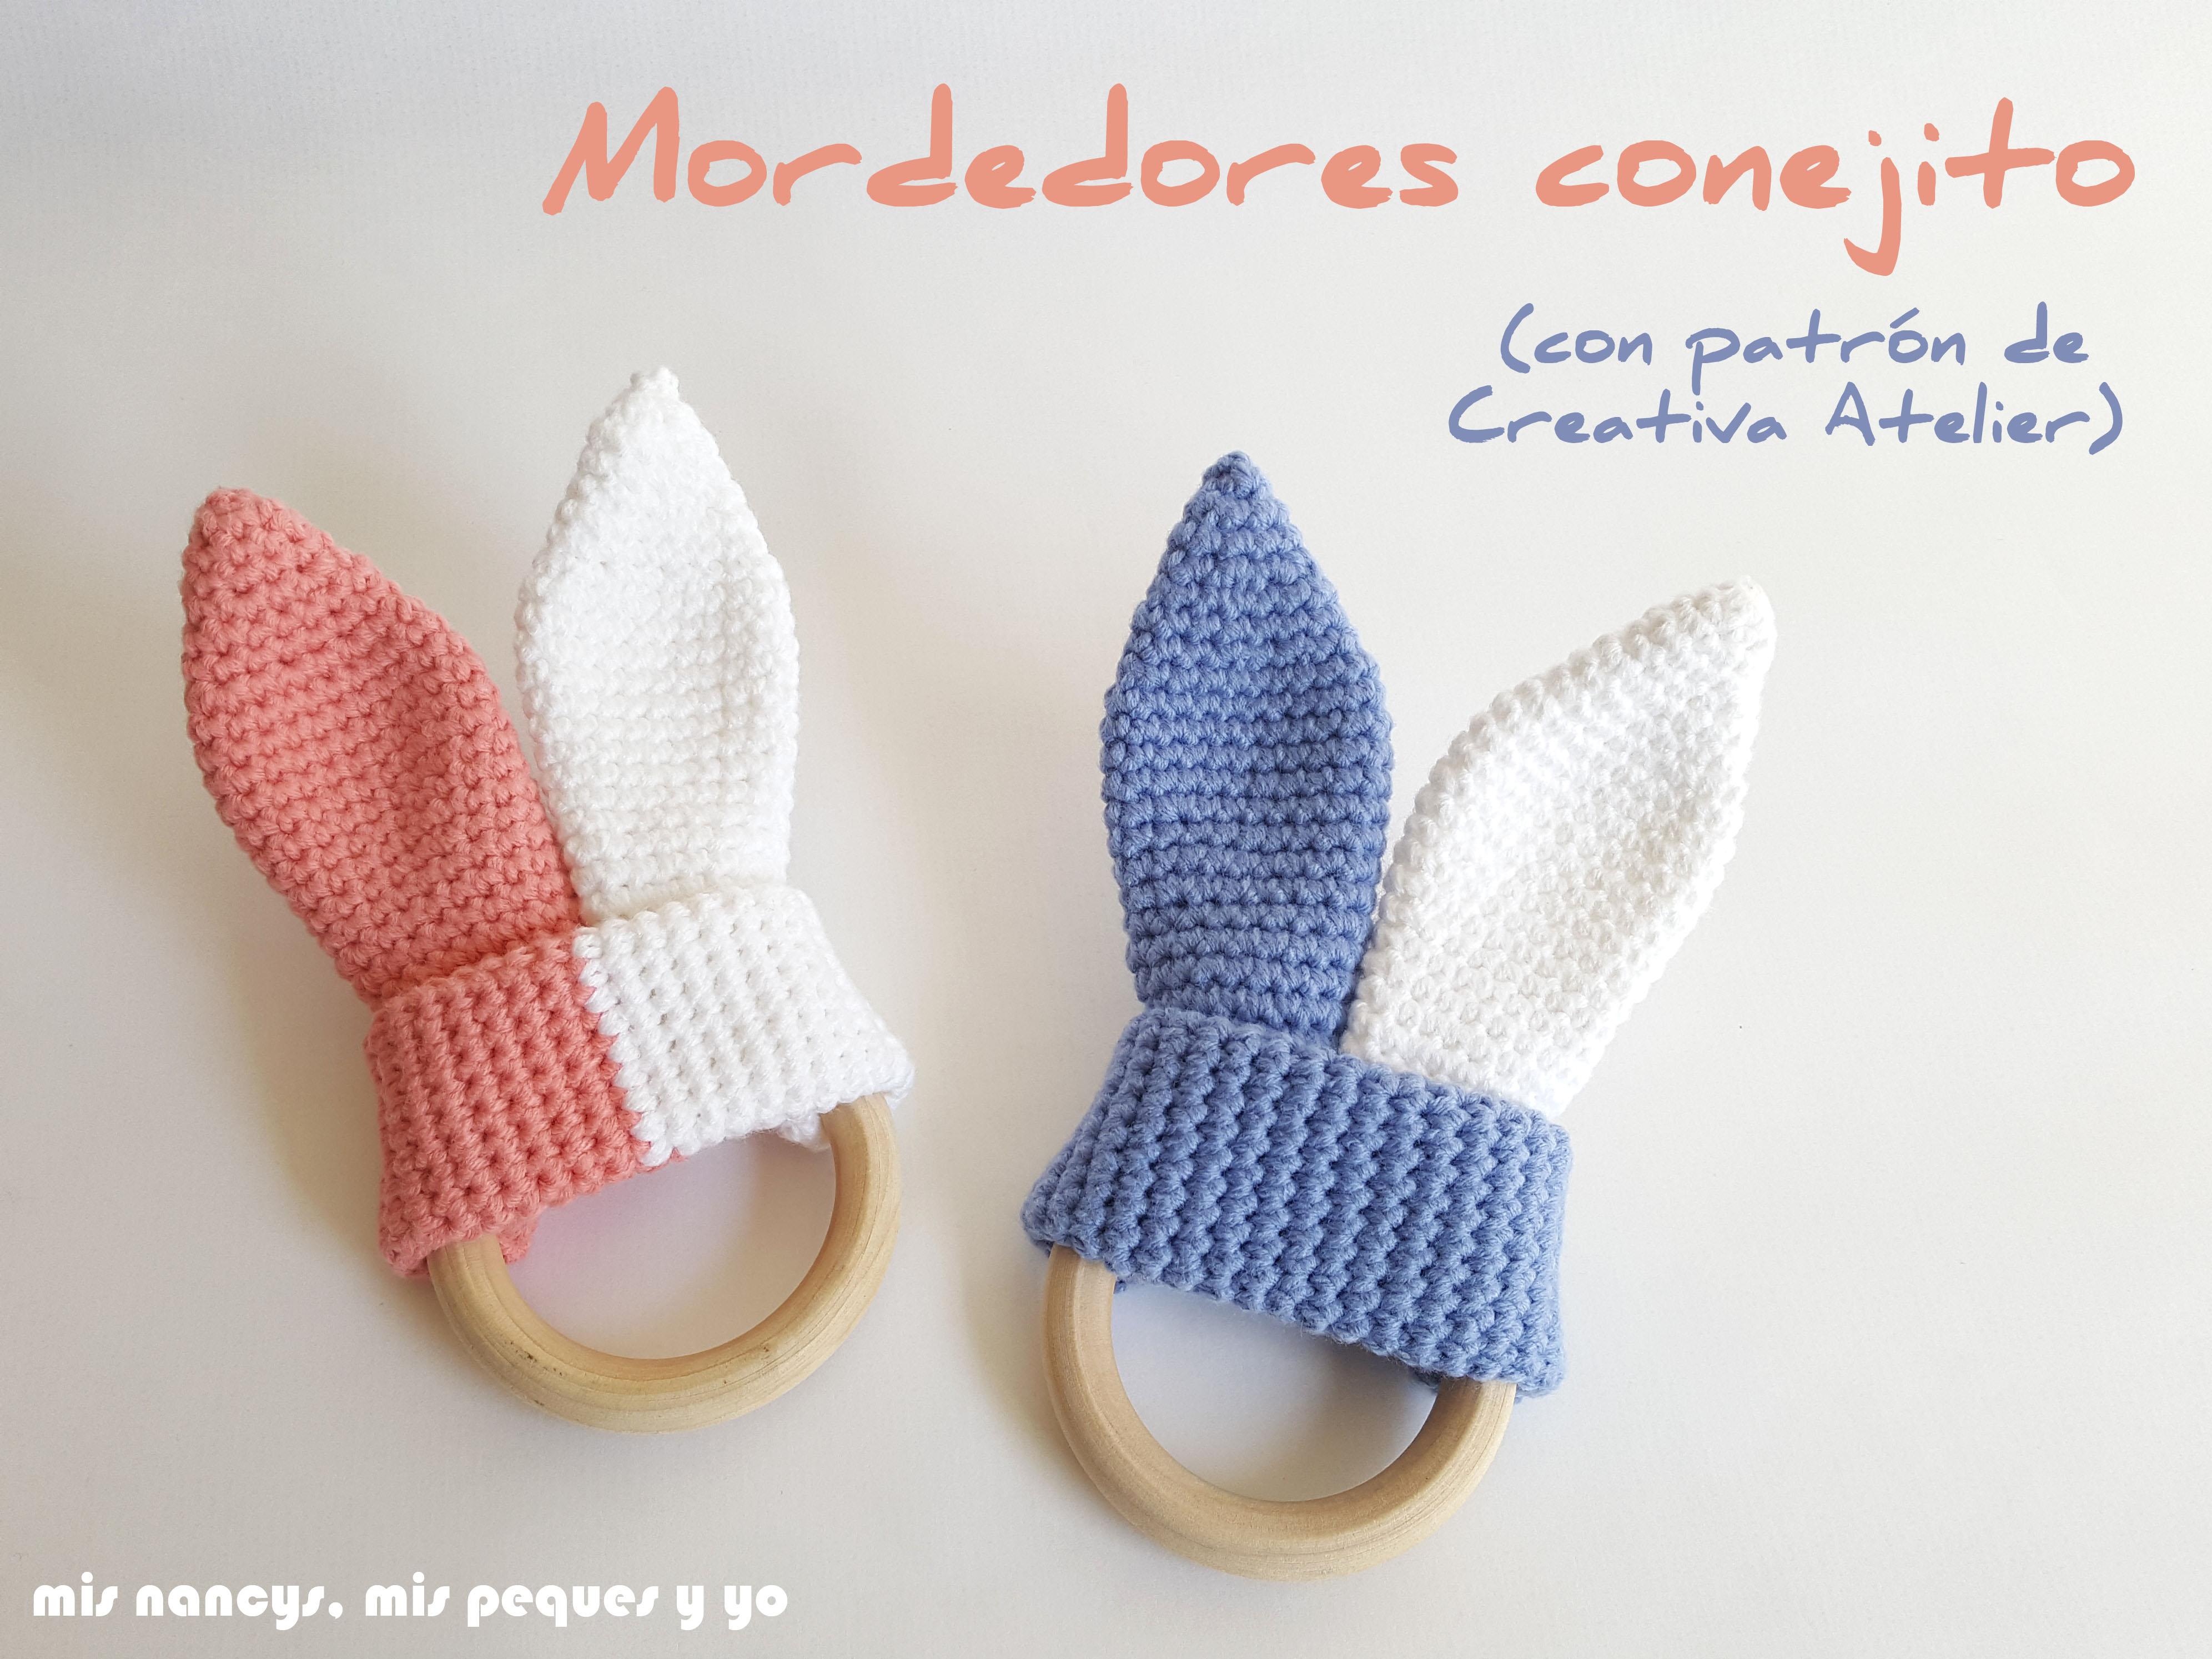 Mordedores conejito de crochet - mis nancys mis peques y yo